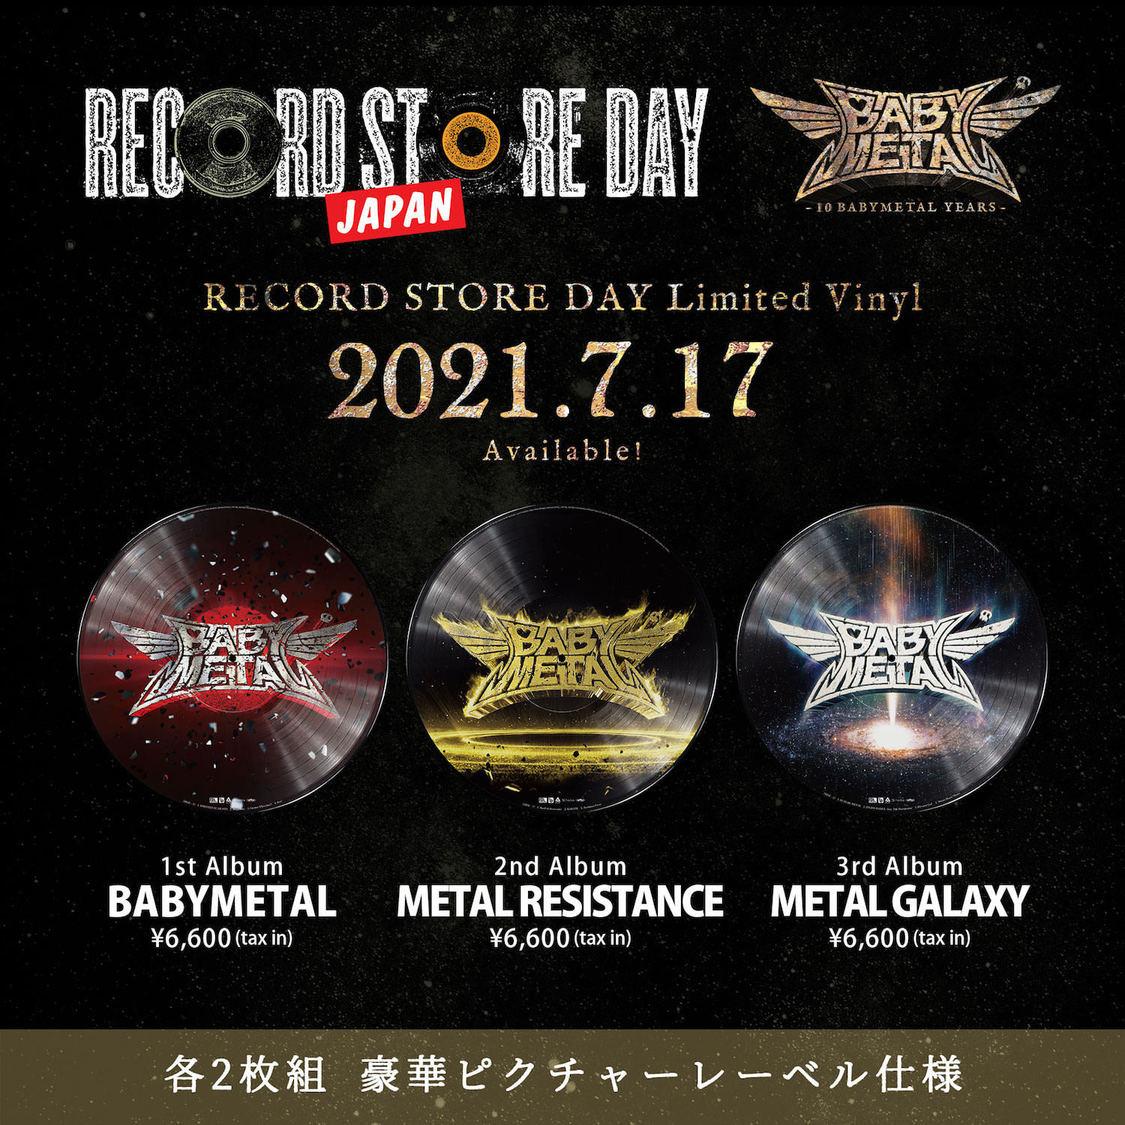 BABYMETAL、レコード文化の祭典<RECORD STORE DAY>初参加決定+スタジオAL3作品を限定仕様でリリース!